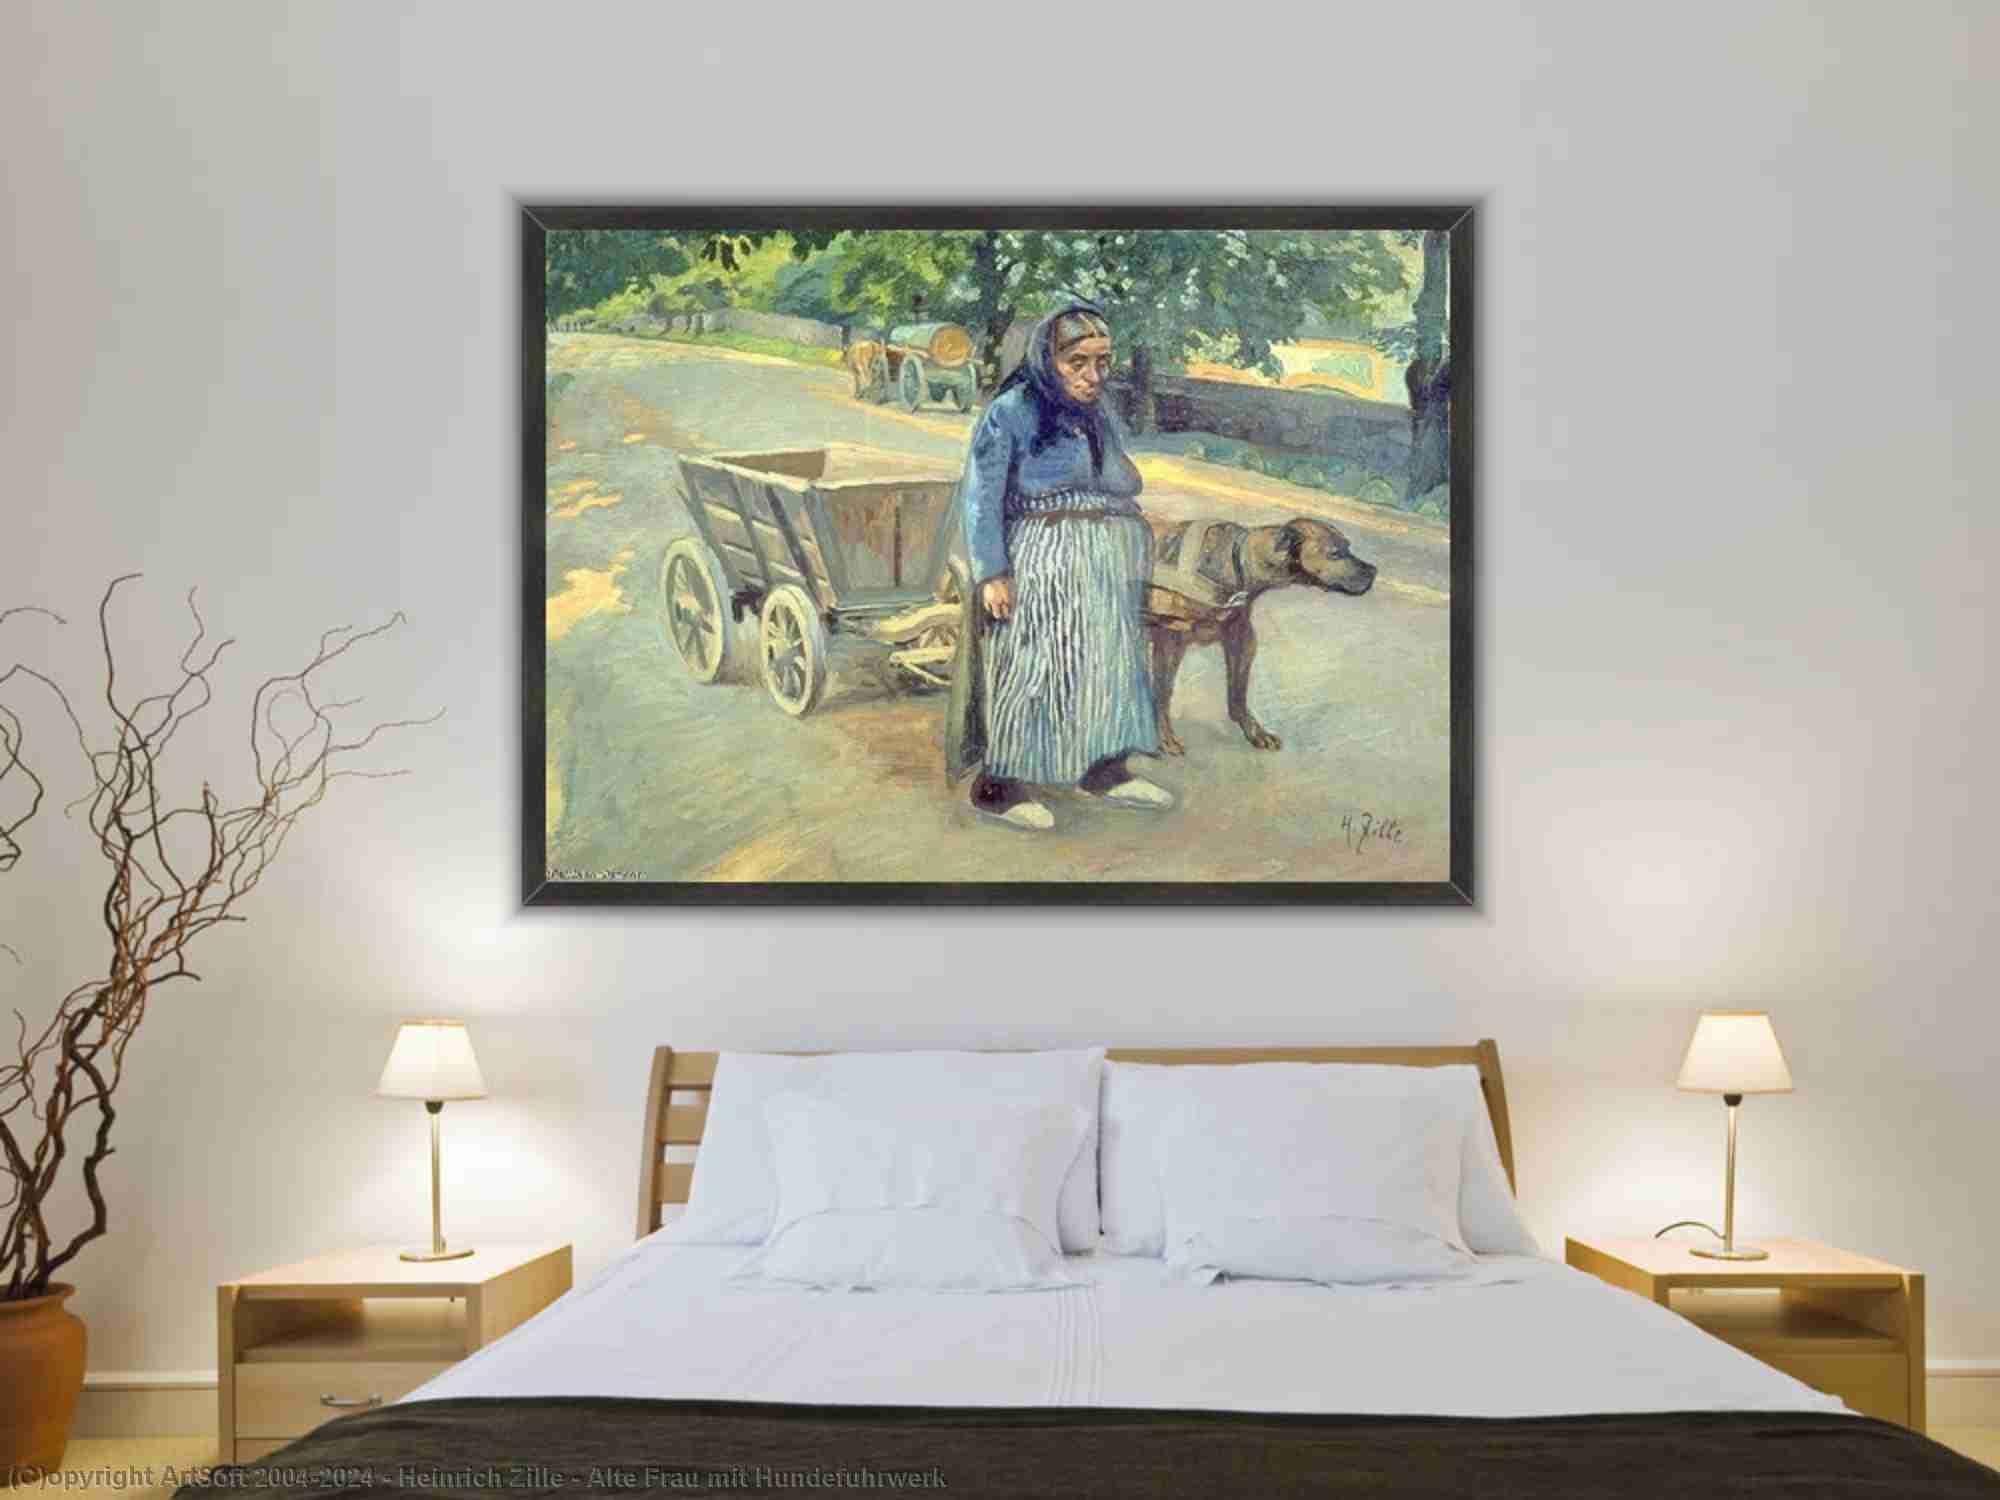 Heinrich Zille - alte frau mit hundefuhrwerk